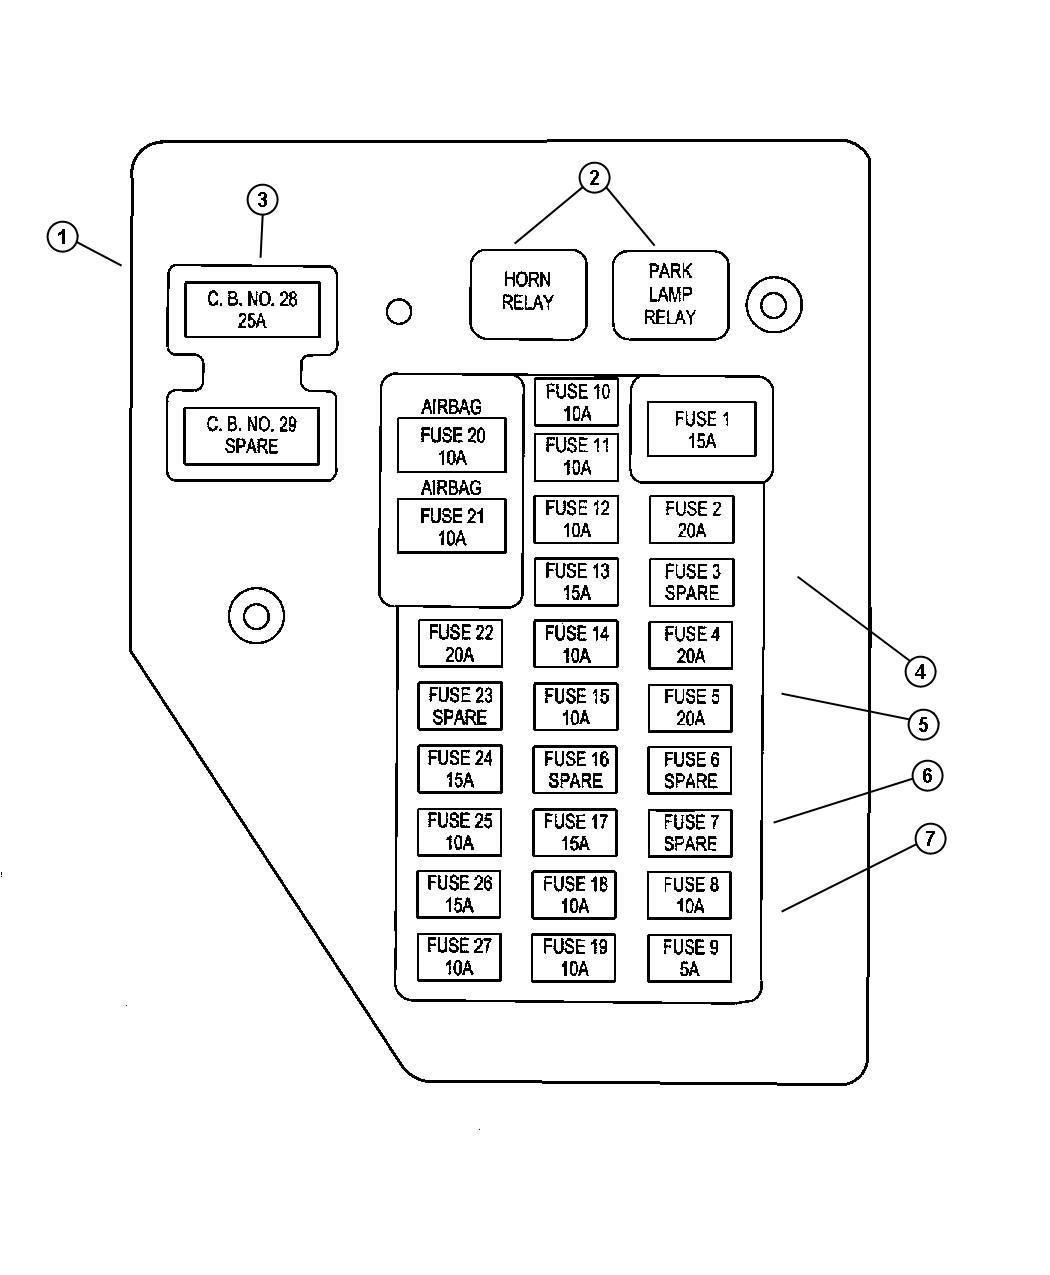 Enjoyable 95 Dodge Dakota Fuse Diagram Basic Electronics Wiring Diagram Wiring Cloud Ostrrenstrafr09Org